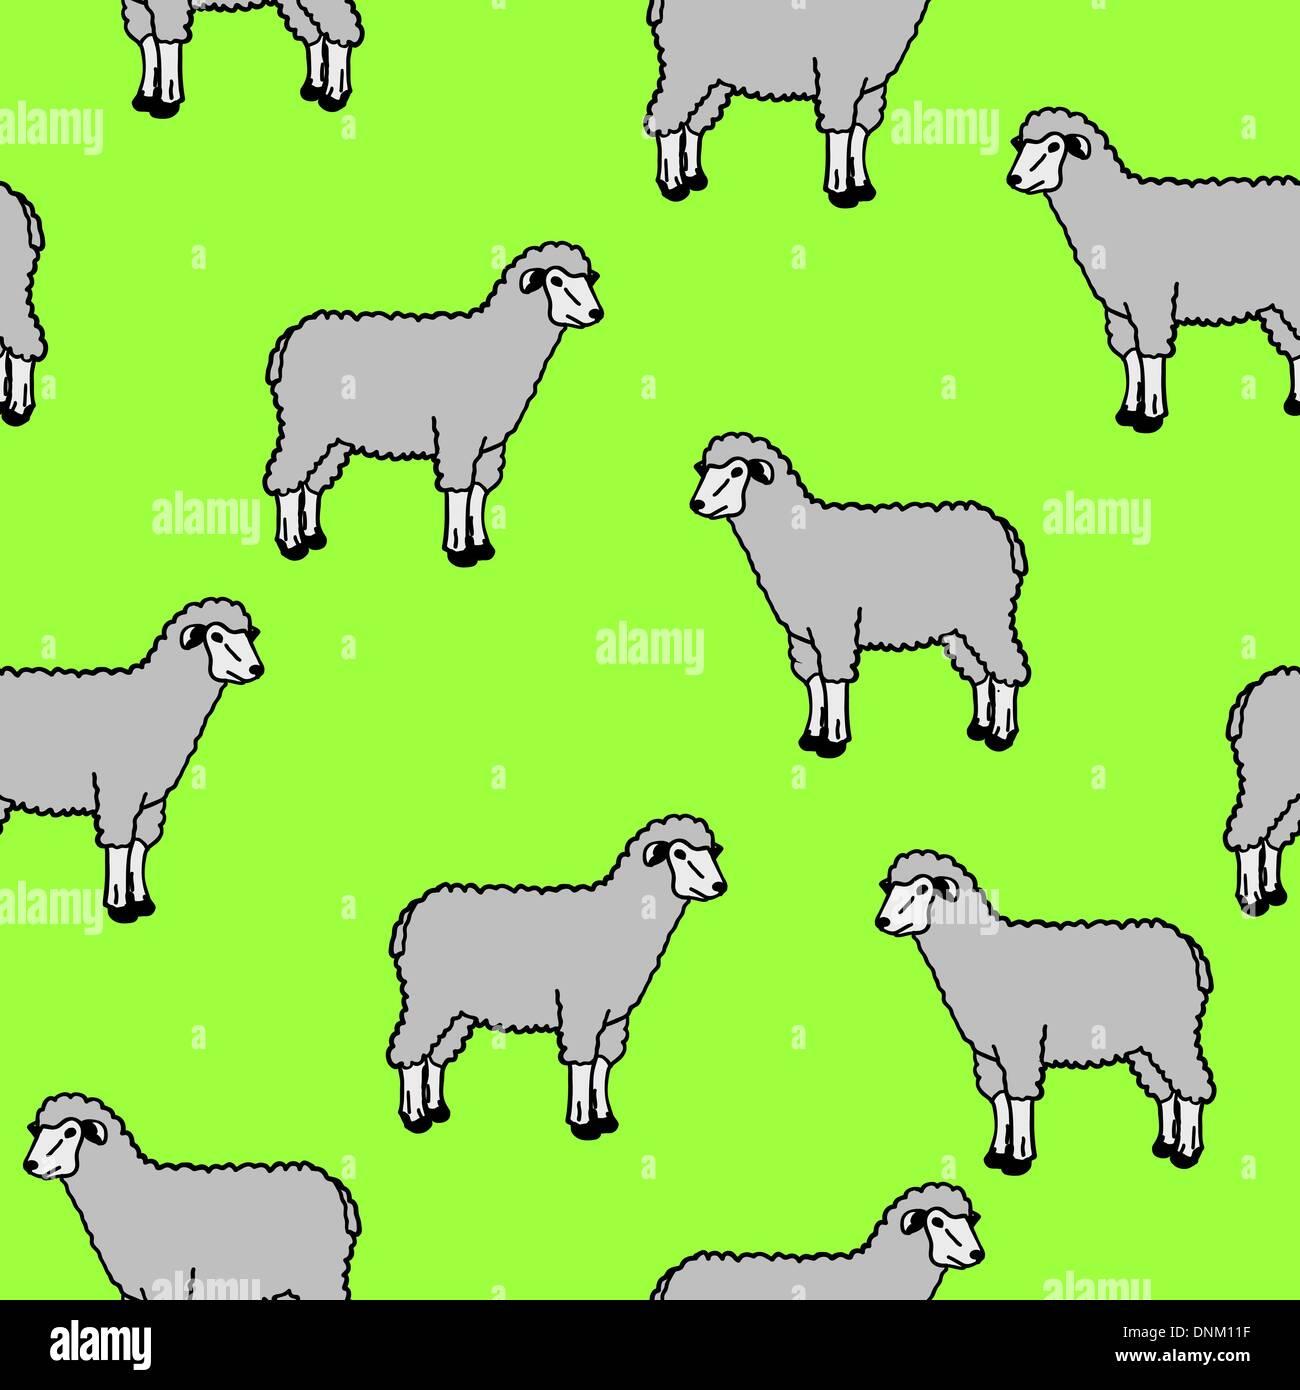 Papel tapiz perfecta con ovejas y carneros Imagen De Stock